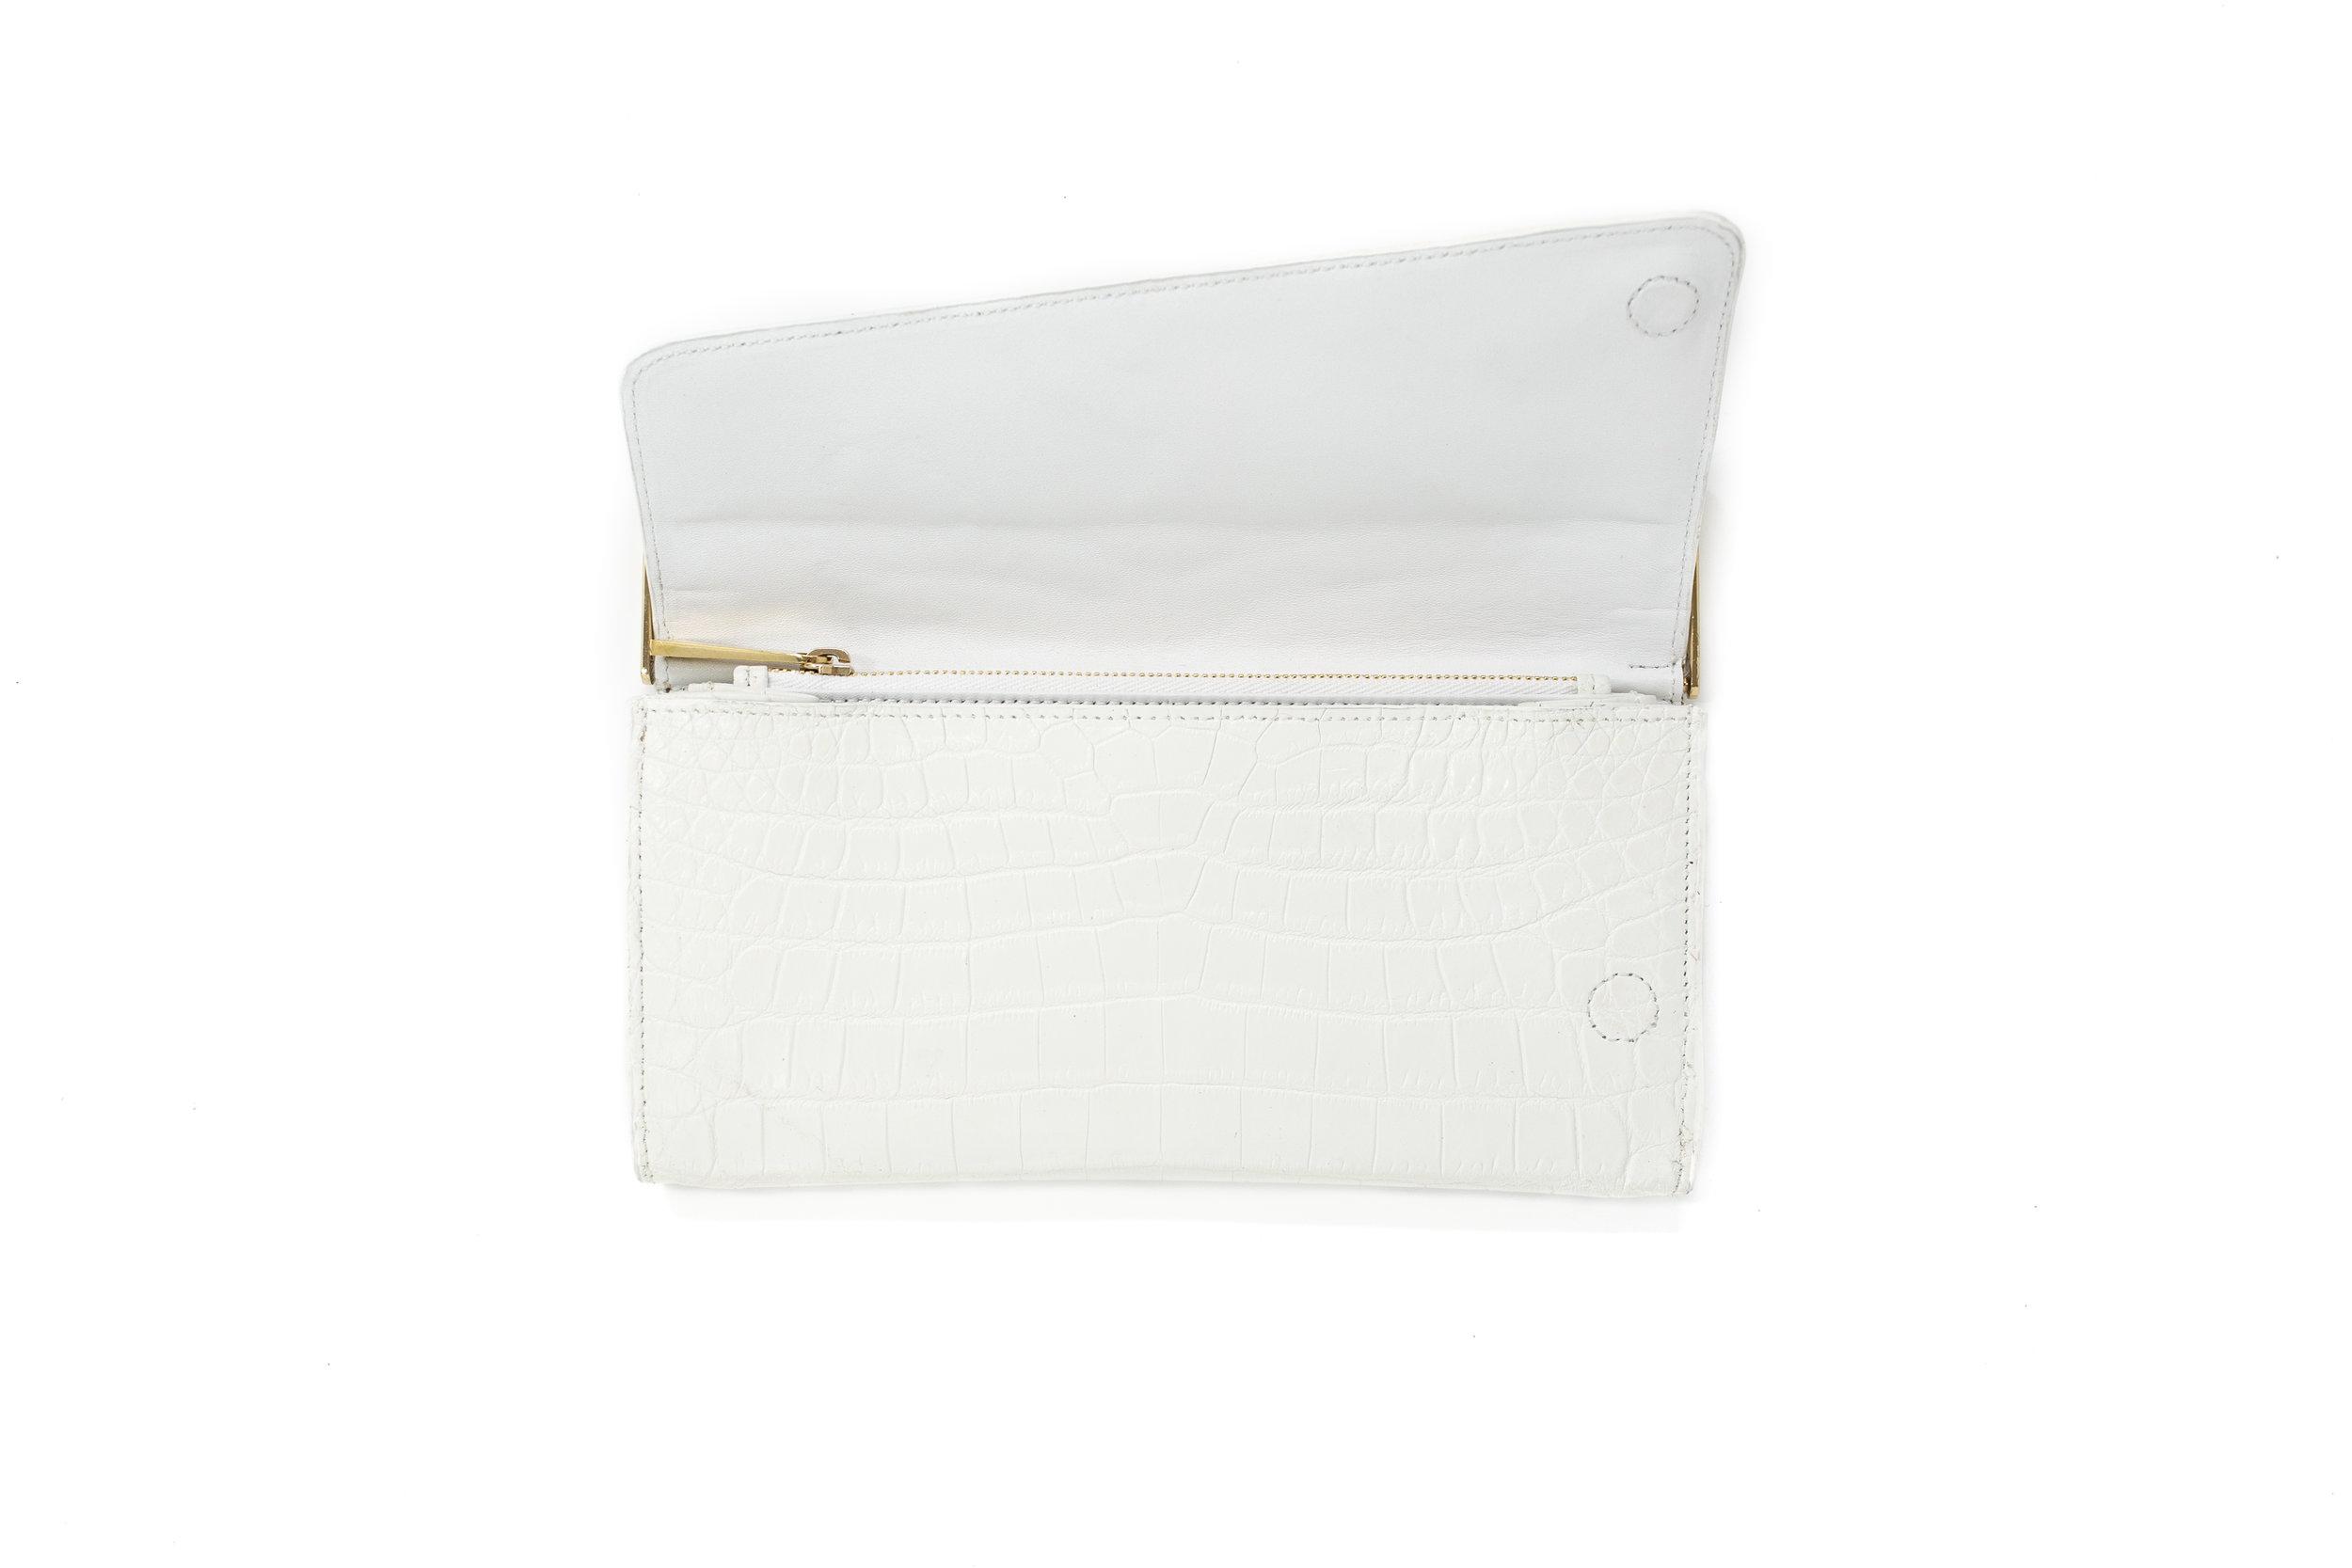 Luxury White Crocodile Women's Wallet